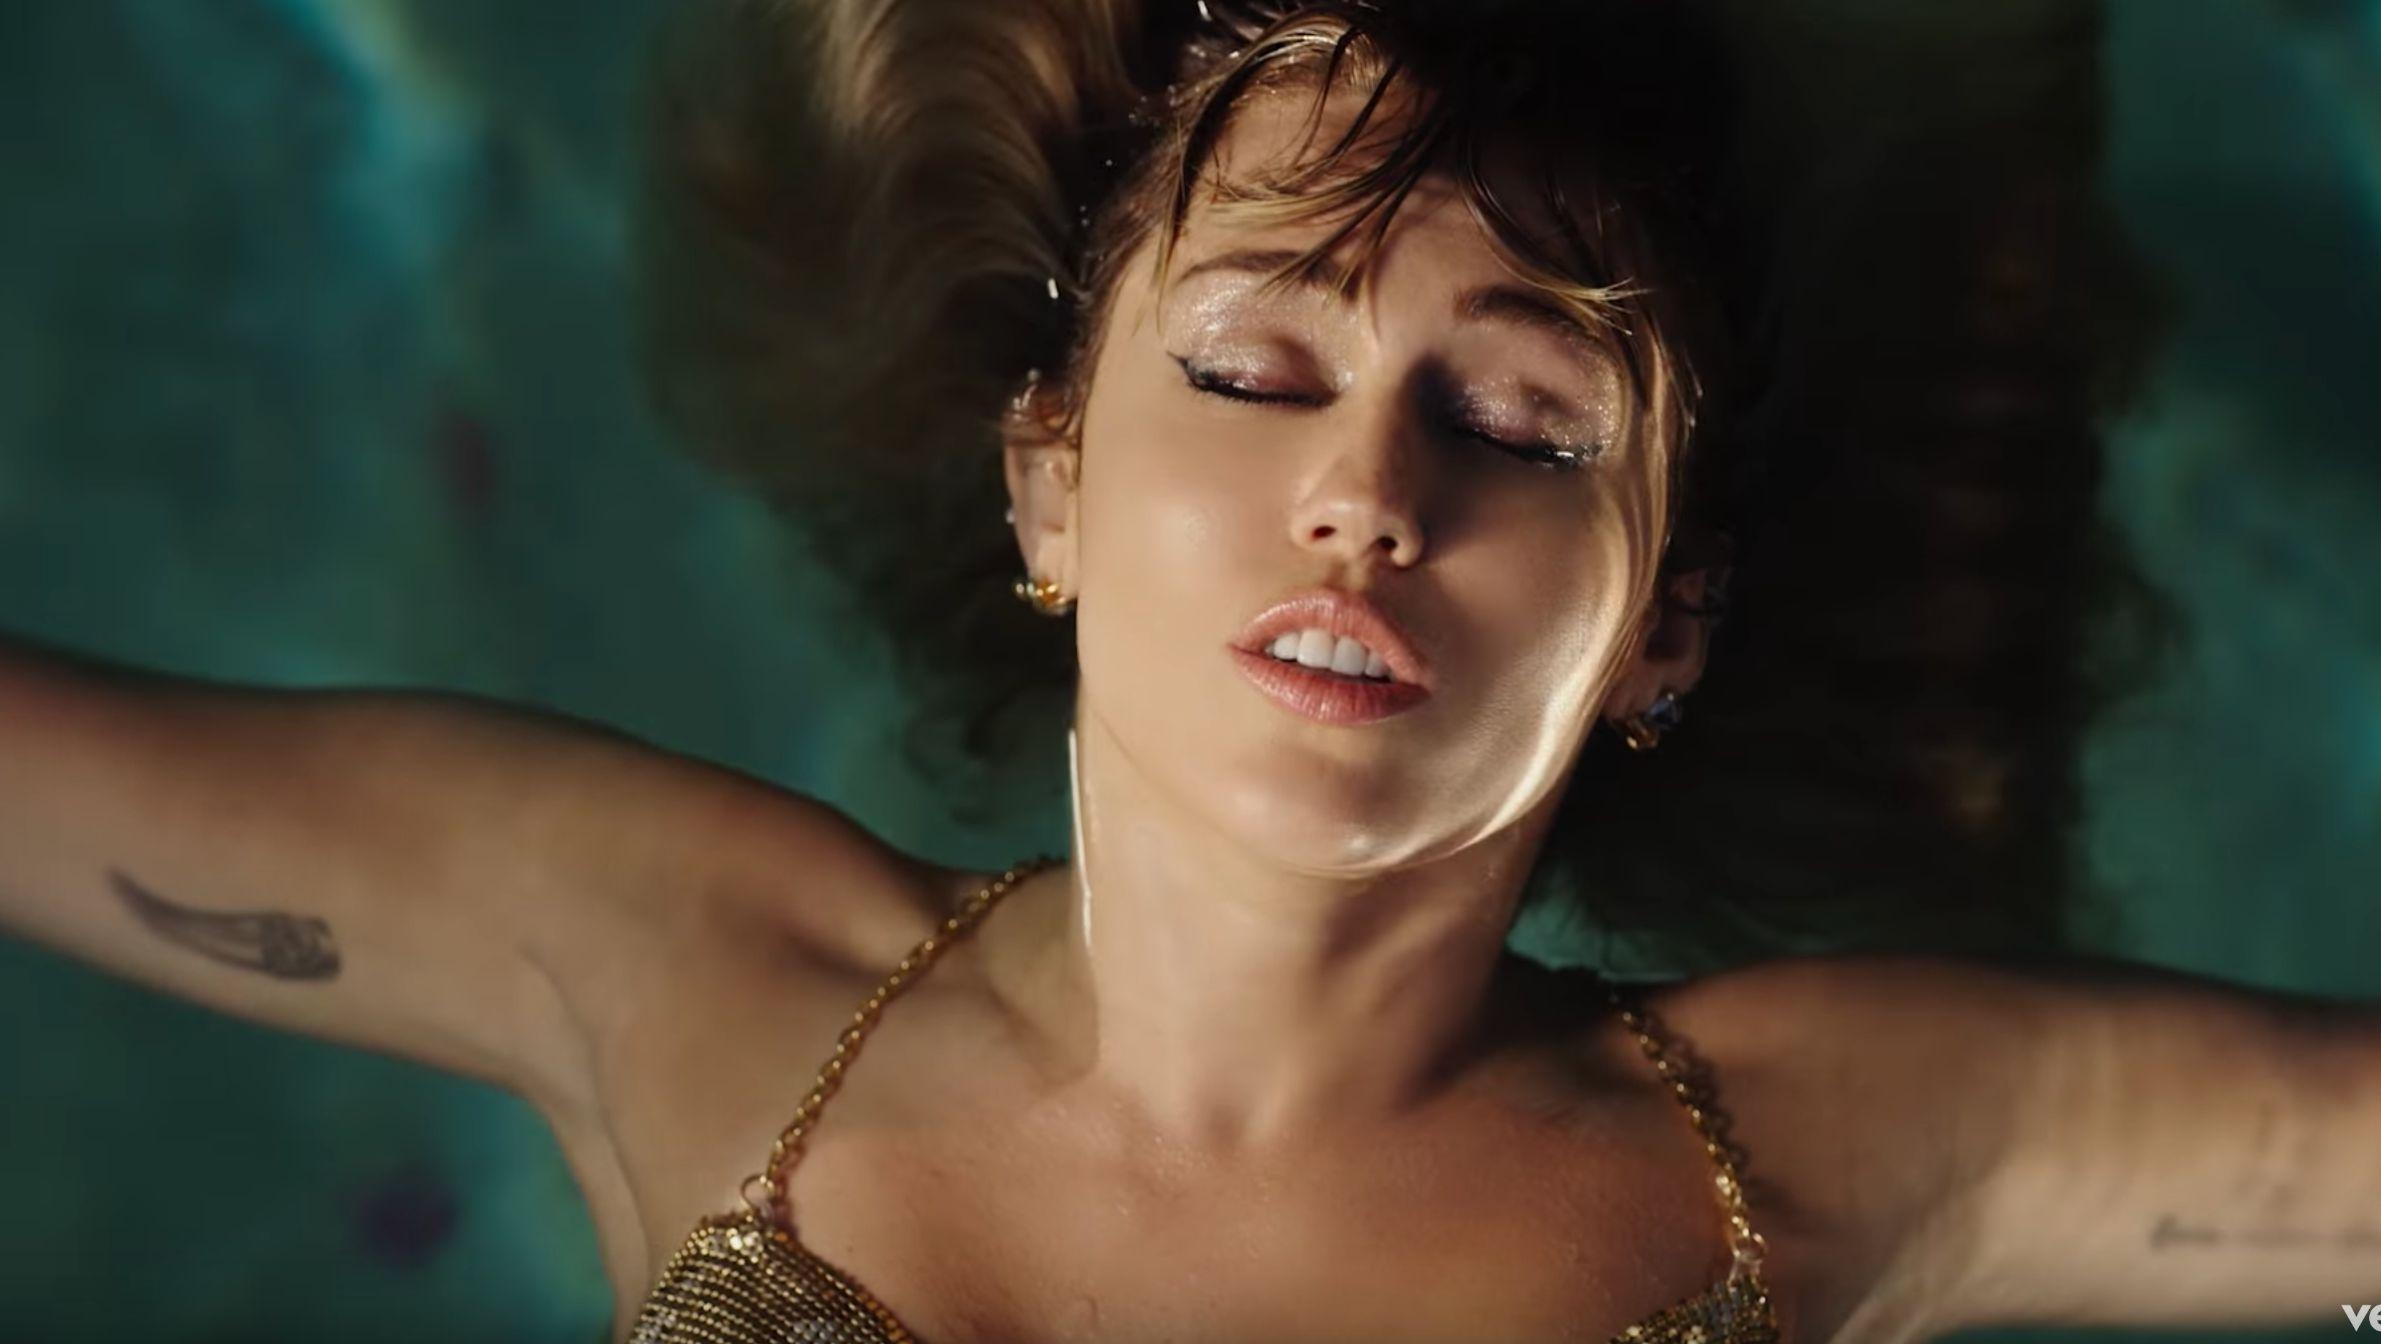 videók Miley Cyrustól vodeo x